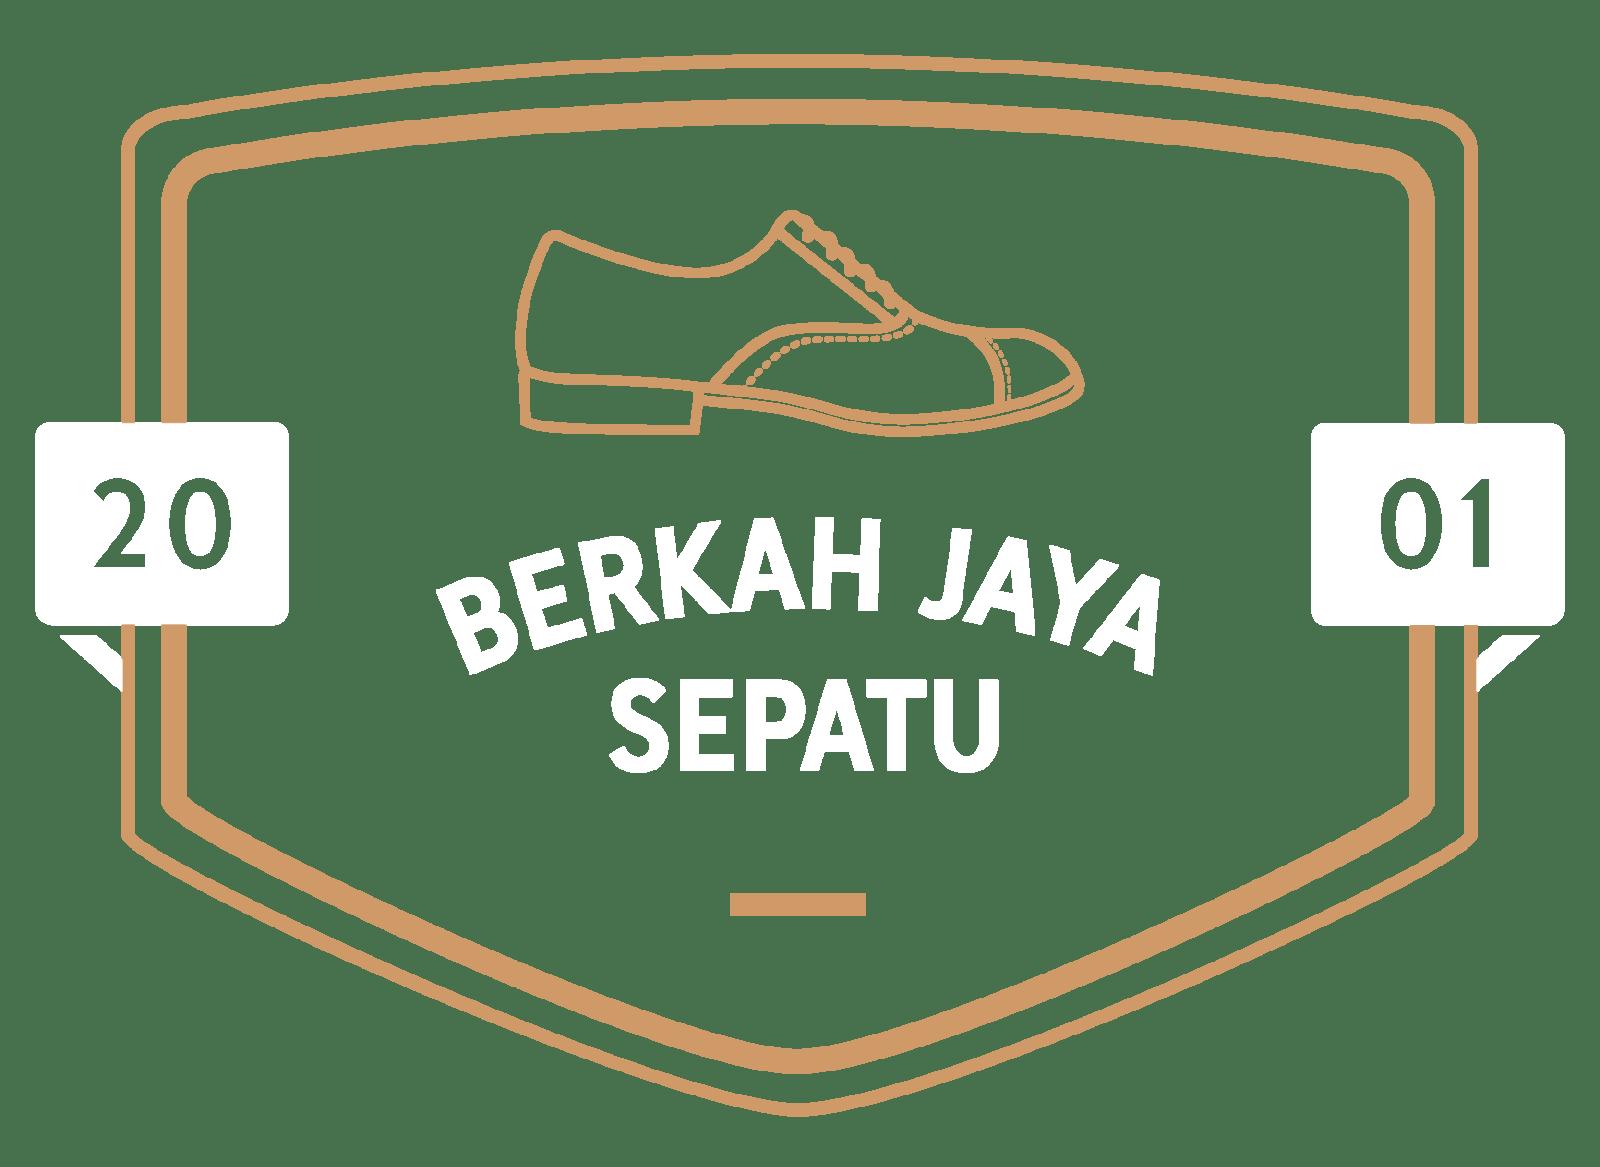 Berkah Jaya Sepatu